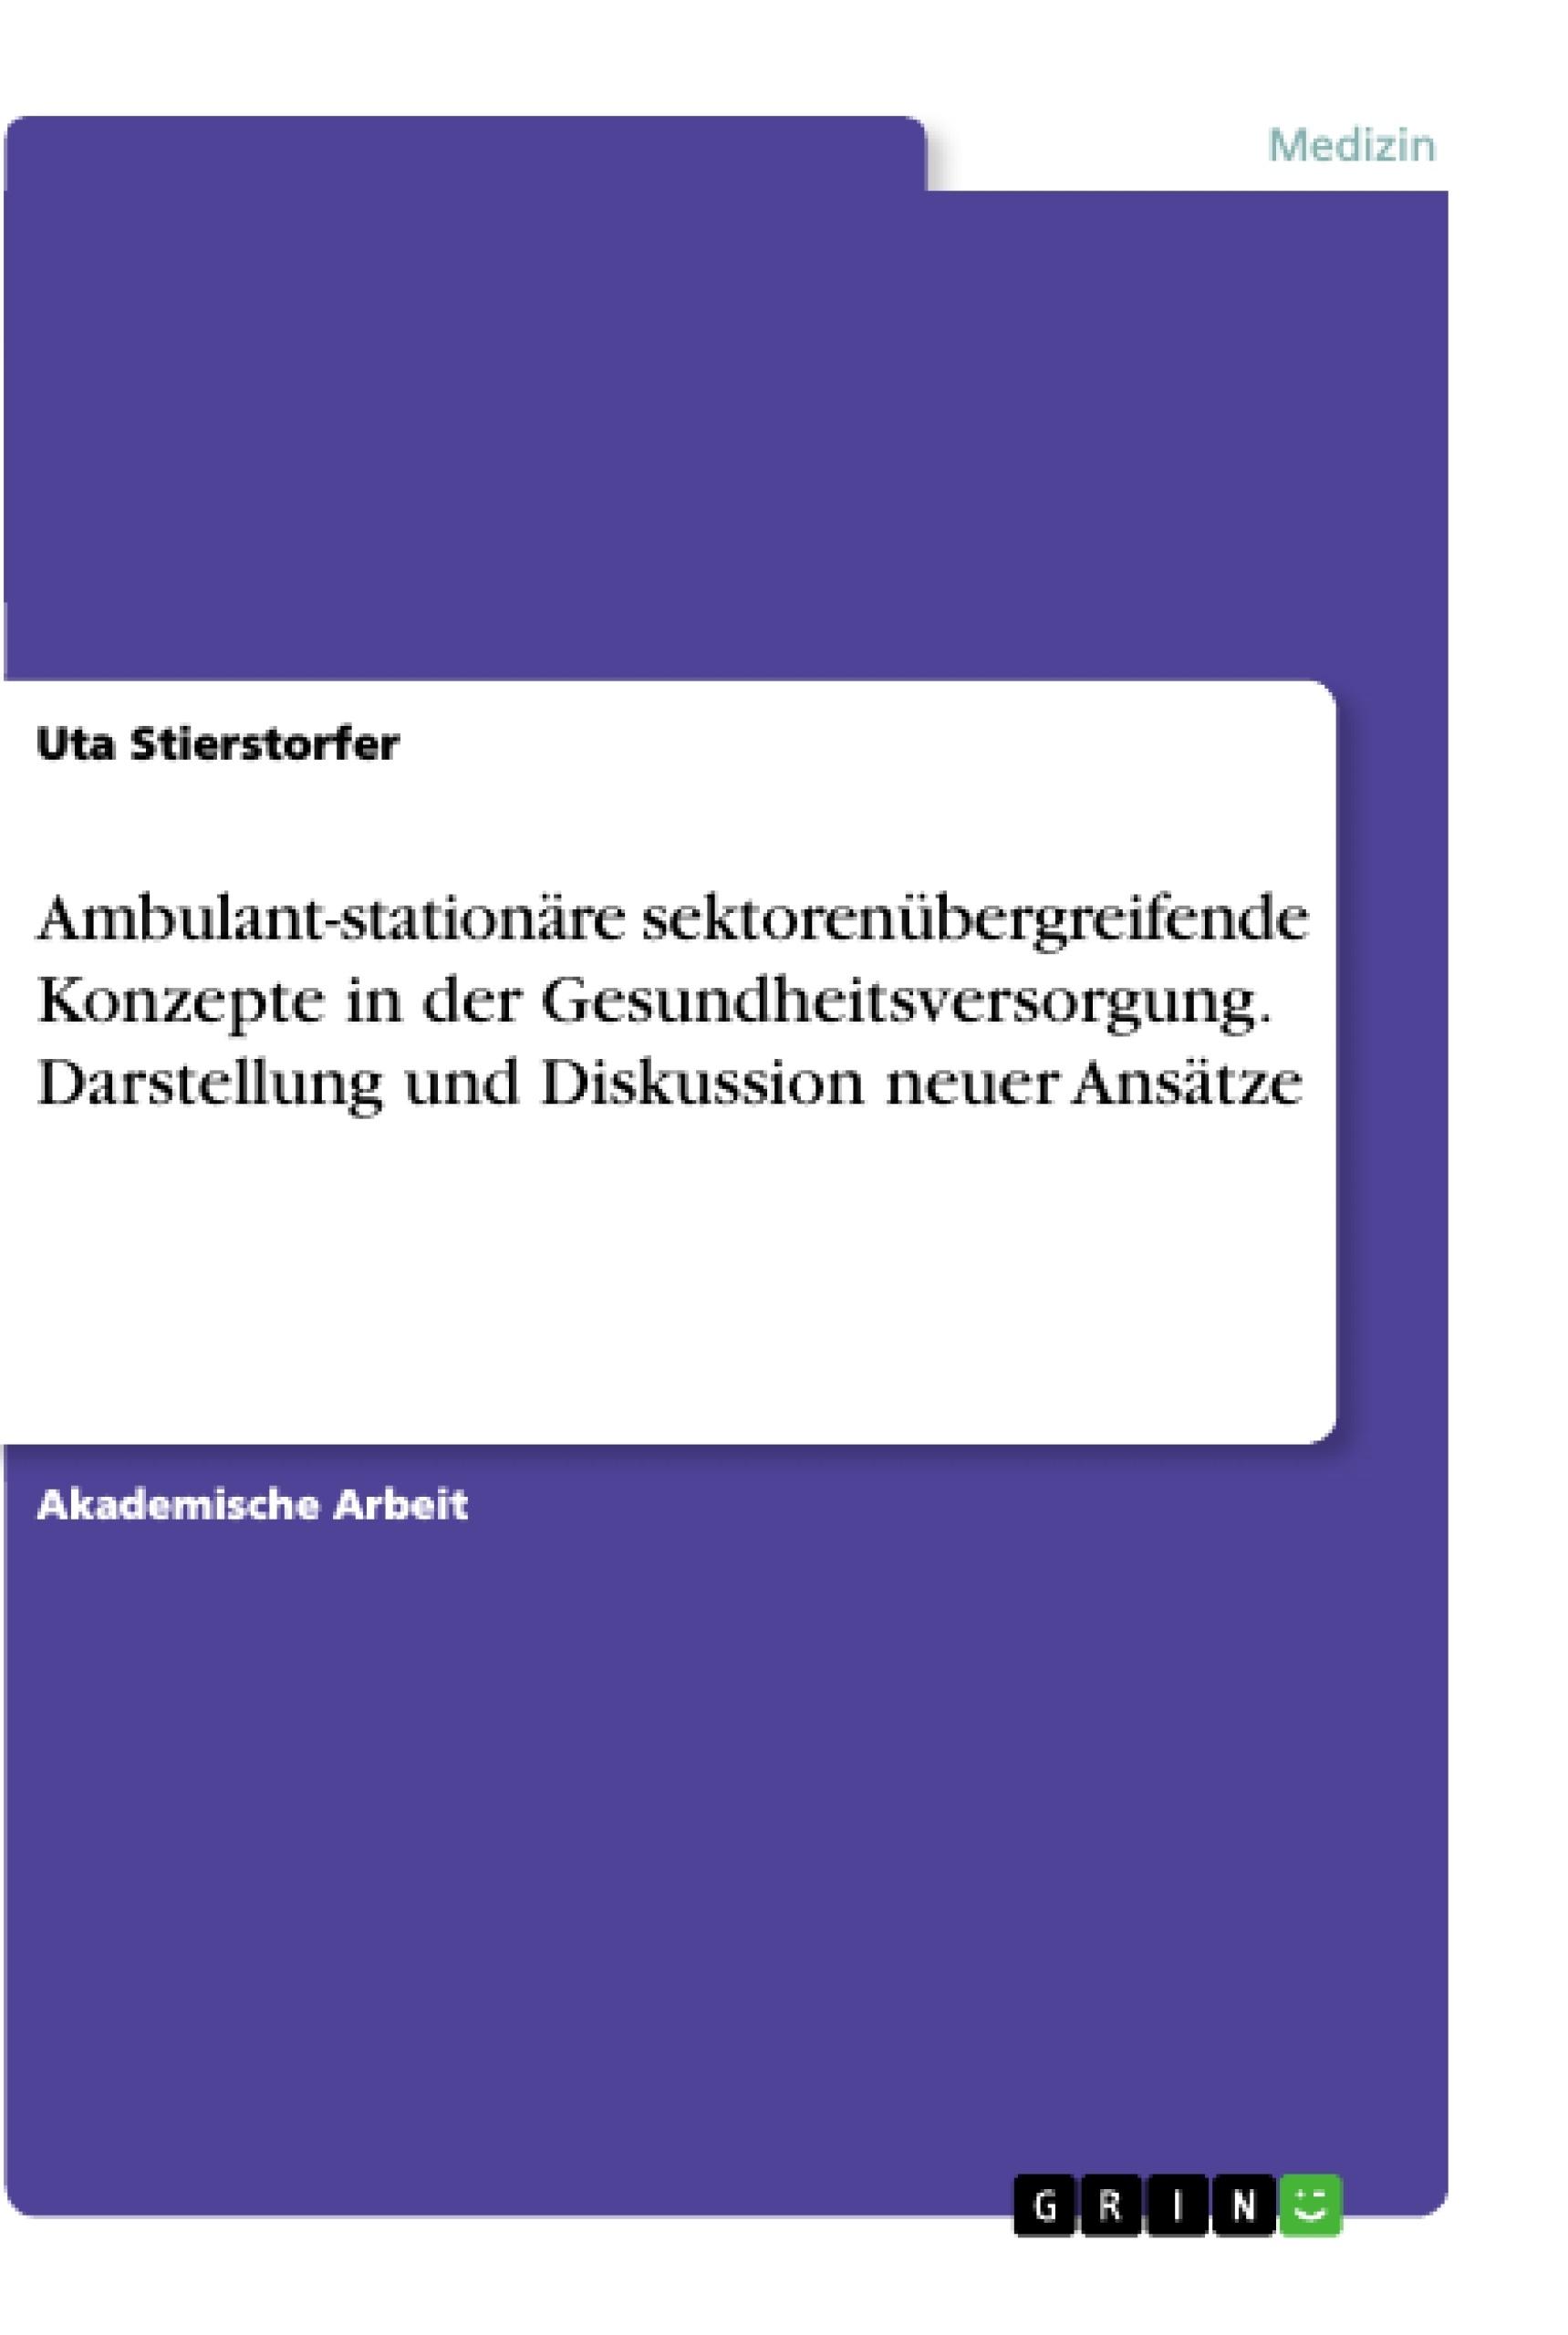 Titel: Ambulant-stationäre sektorenübergreifende Konzepte in der Gesundheitsversorgung. Darstellung und Diskussion neuer Ansätze